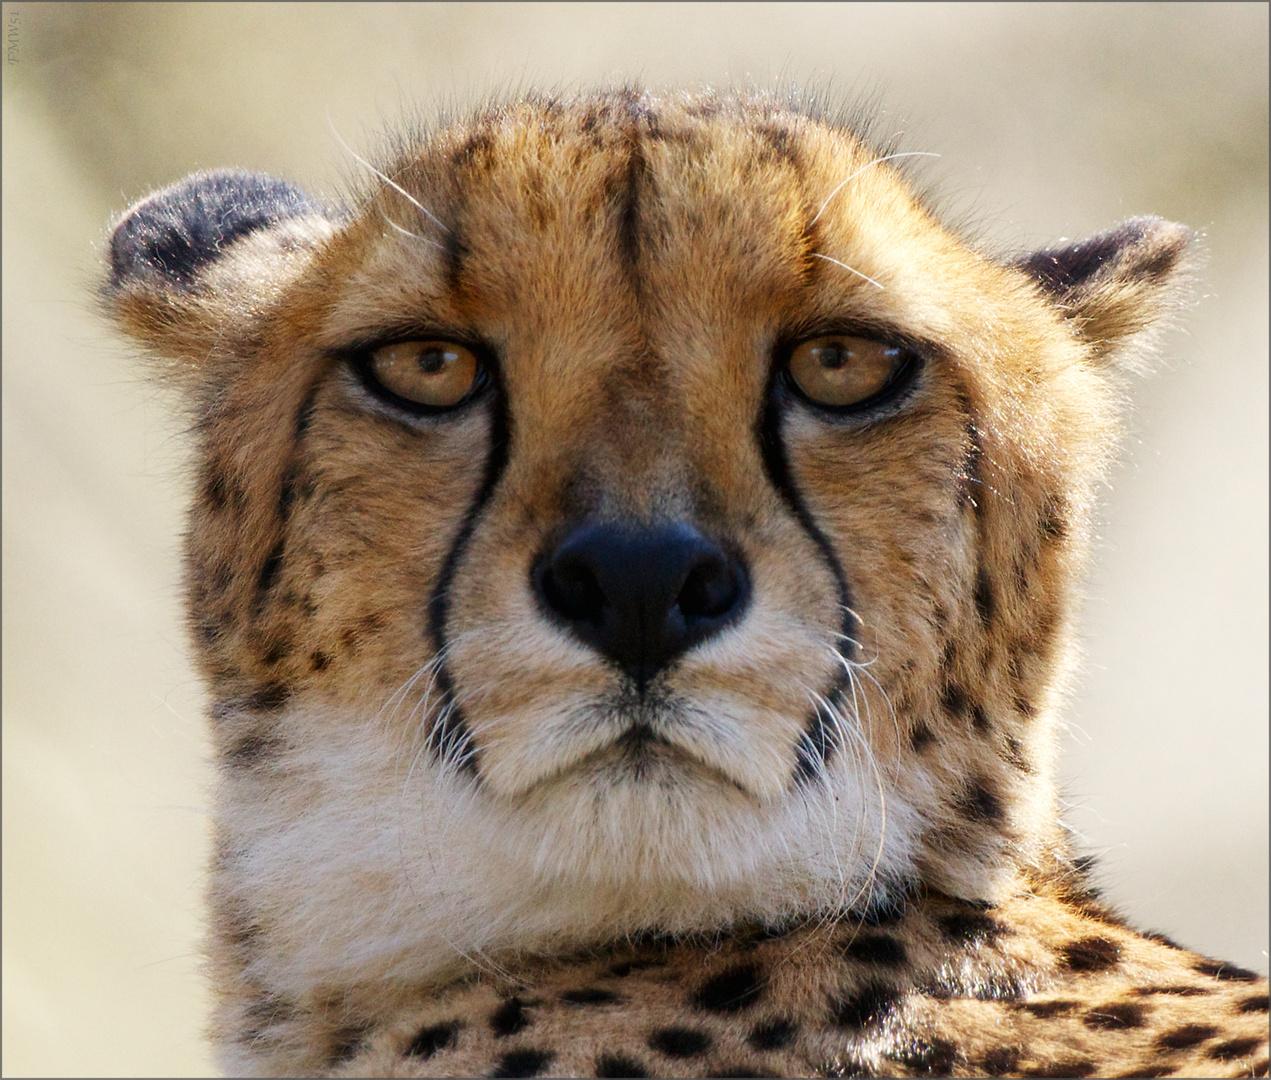 Rashid der Gepard